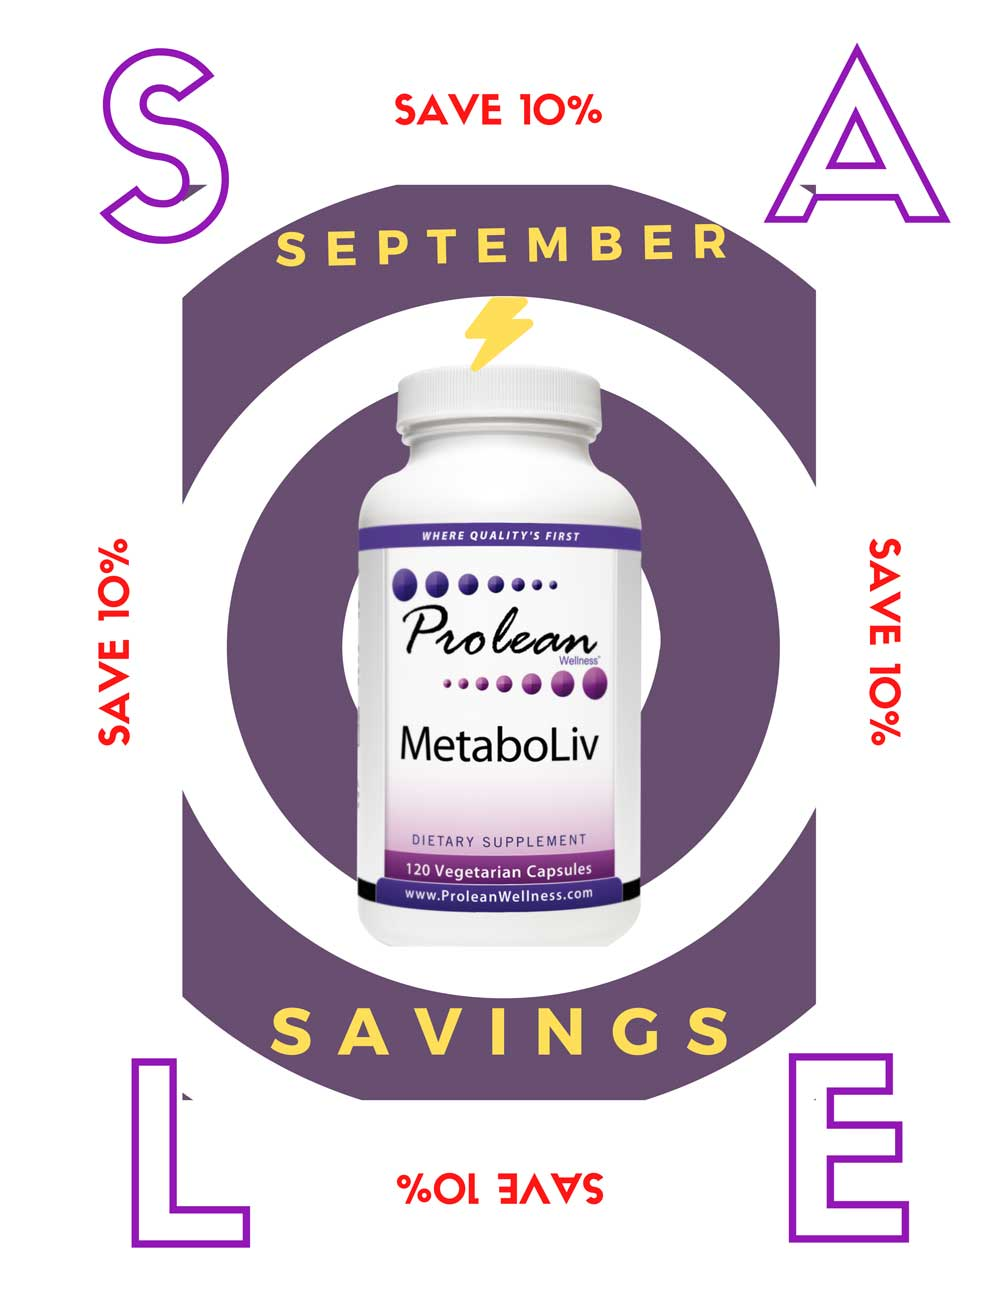 Prolean Wellness September 2021 Offer